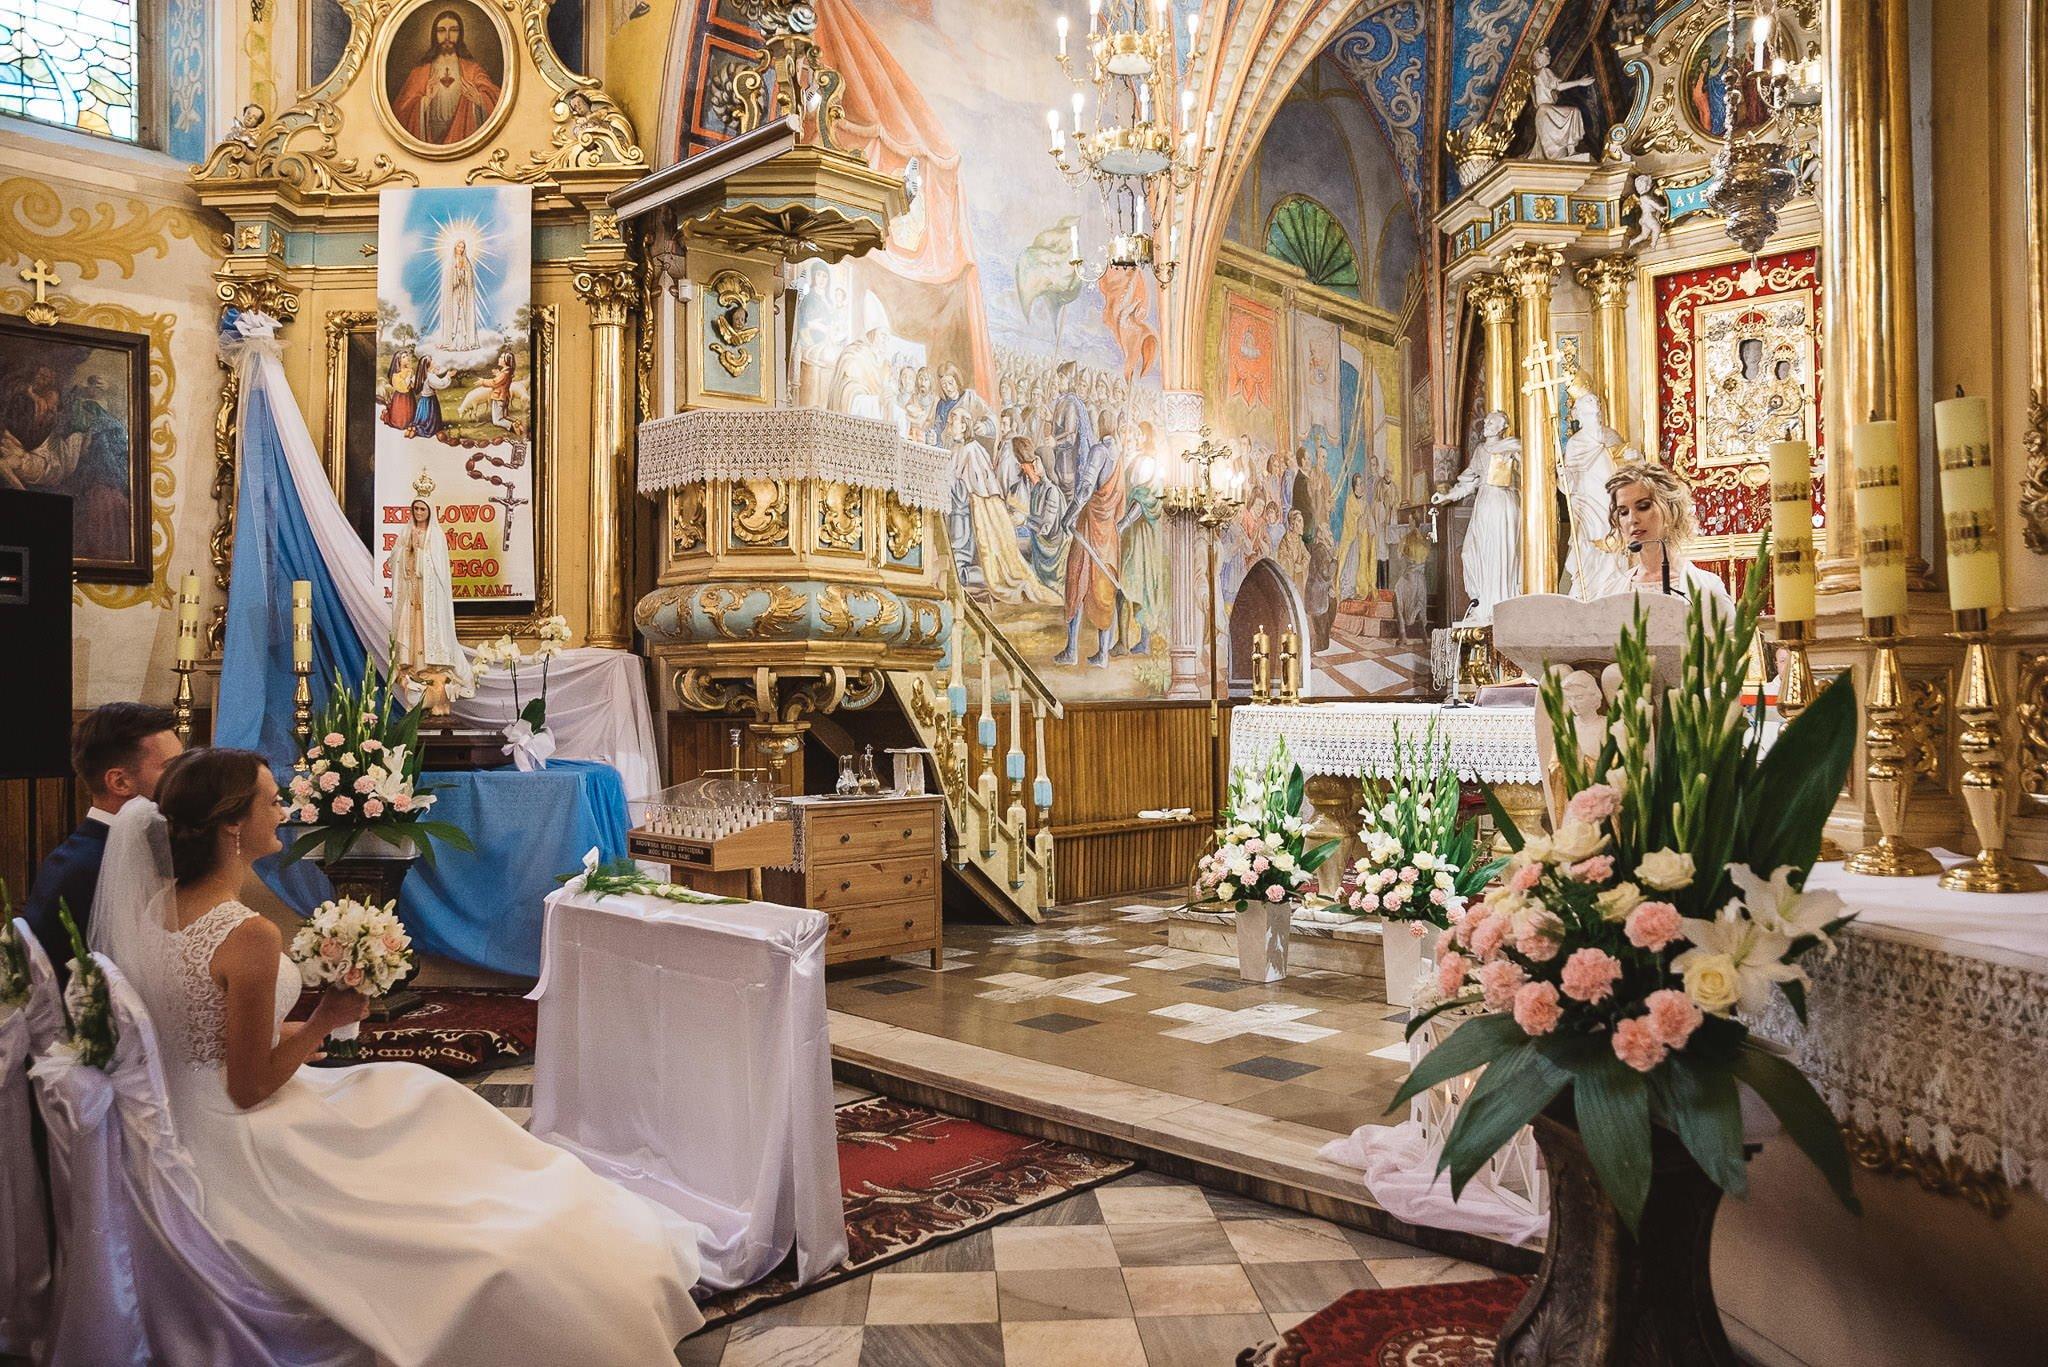 Monika i Michał, wesele w Paryżu i sesja plenerowa w stadninie koni w Czołowie 108